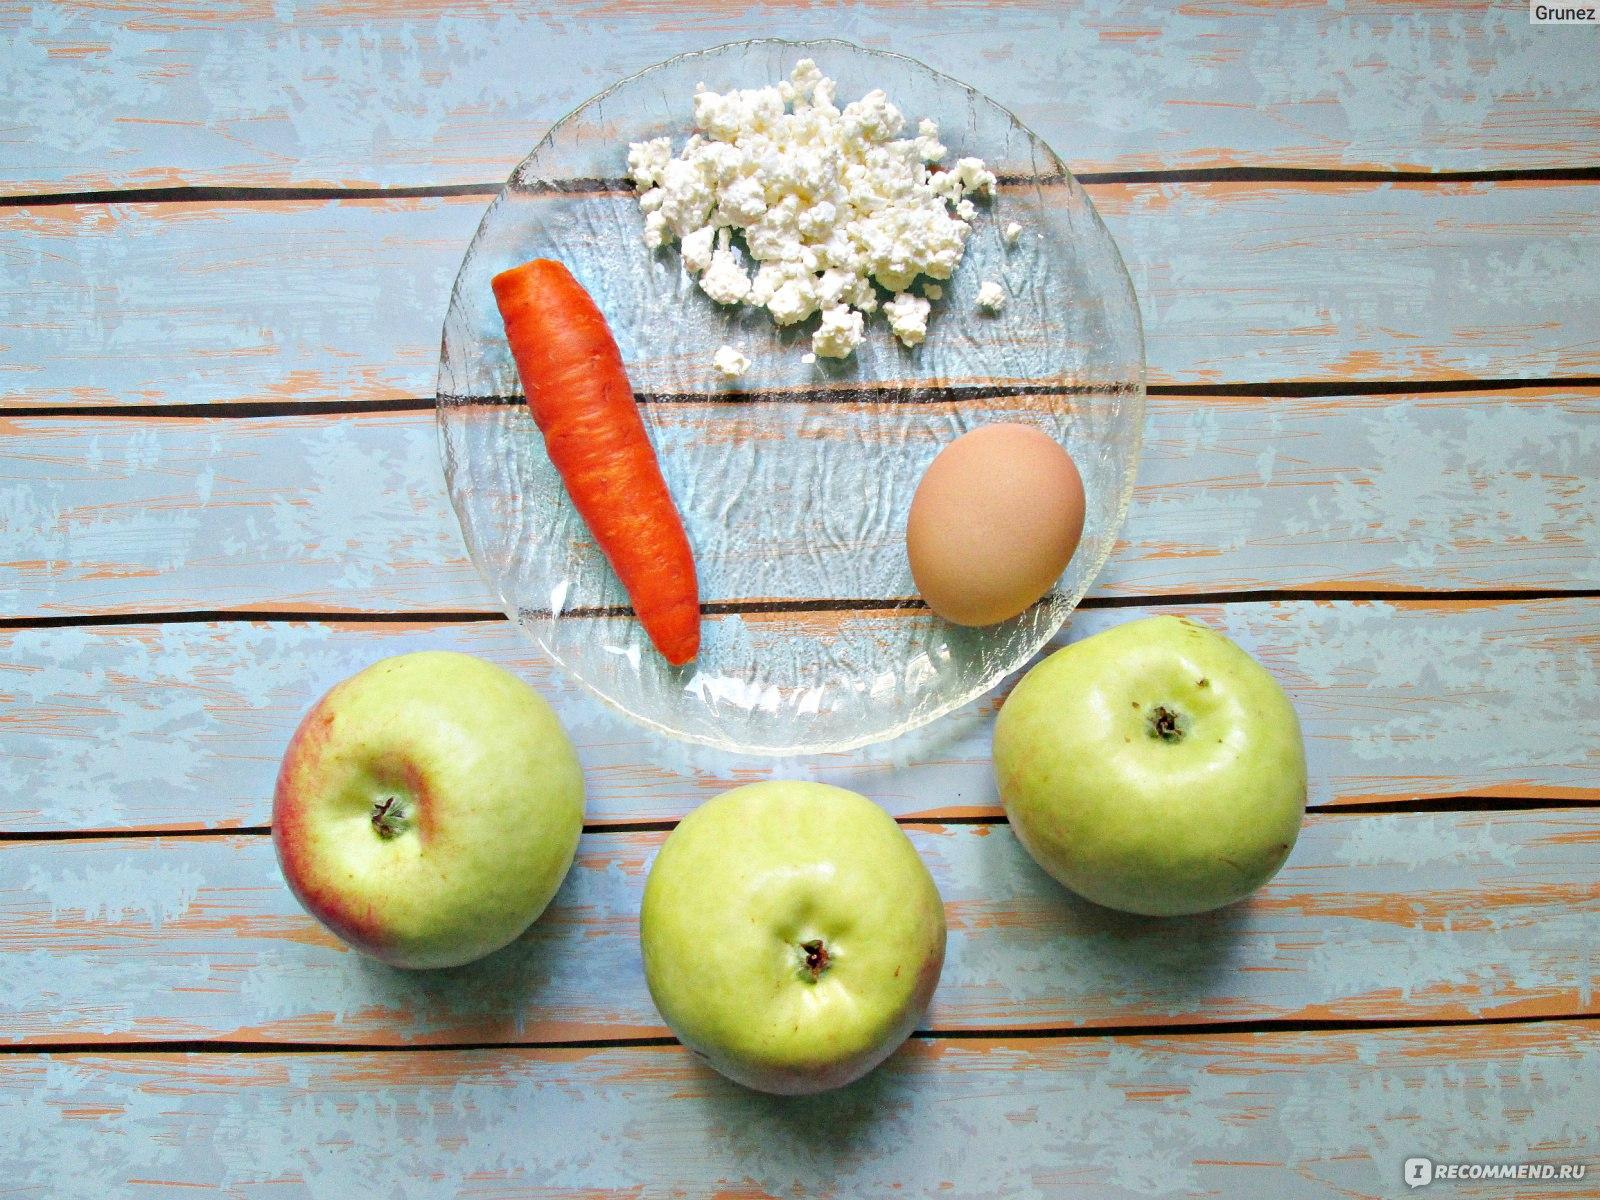 Яблочные диеты чем хороши